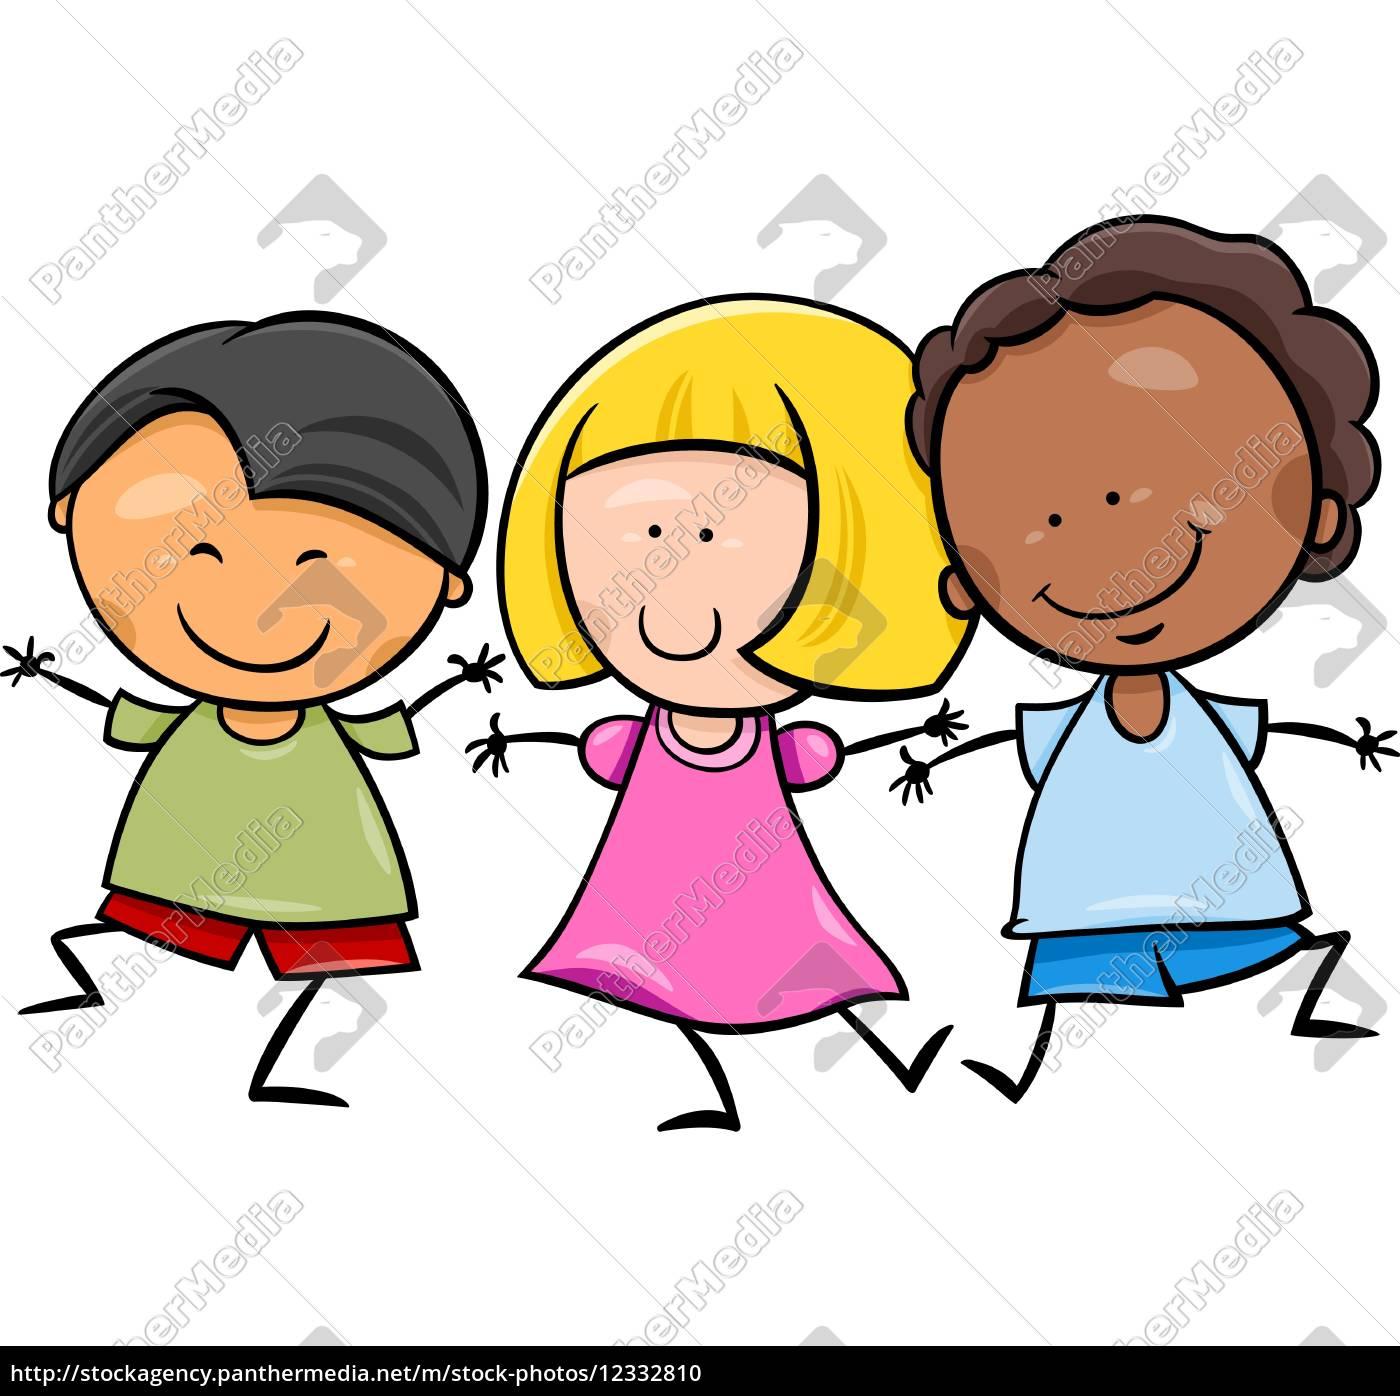 multikulturell, kinder, cartoon-illustration - 12332810